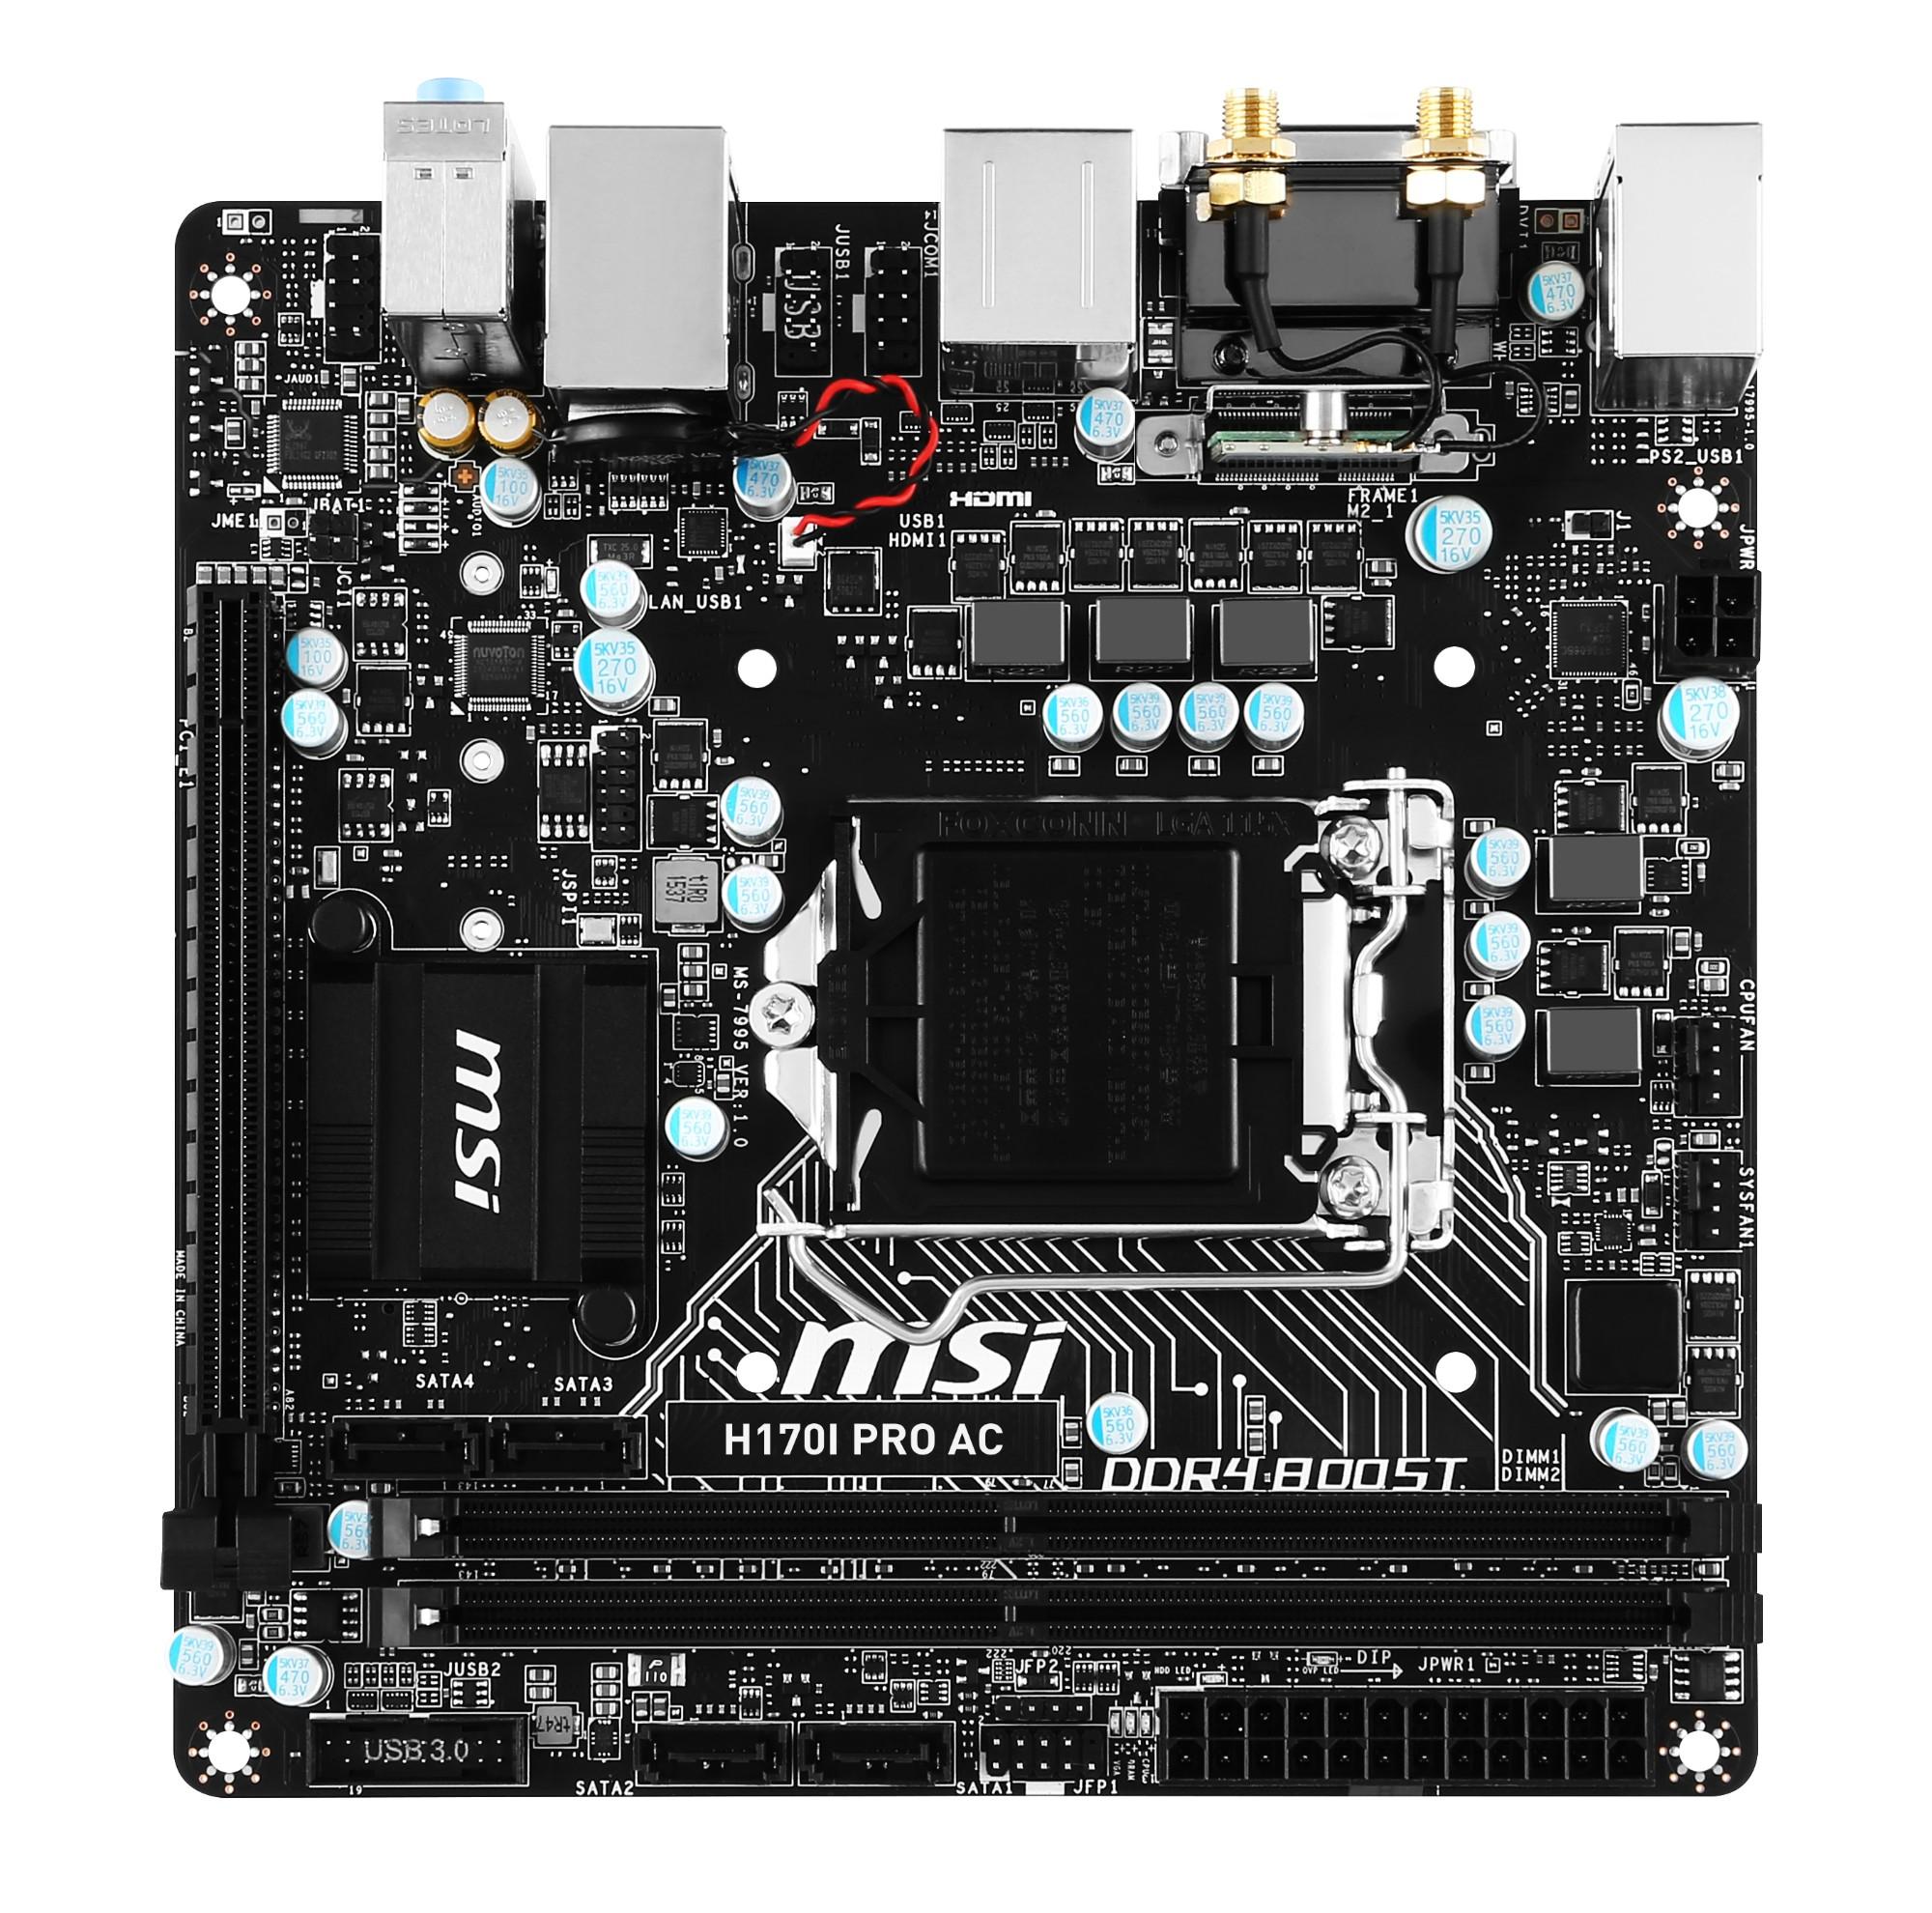 MSI H170I PRO AC Intel H170 LGA 1151 (Socket H4) Mini ITX motherboard